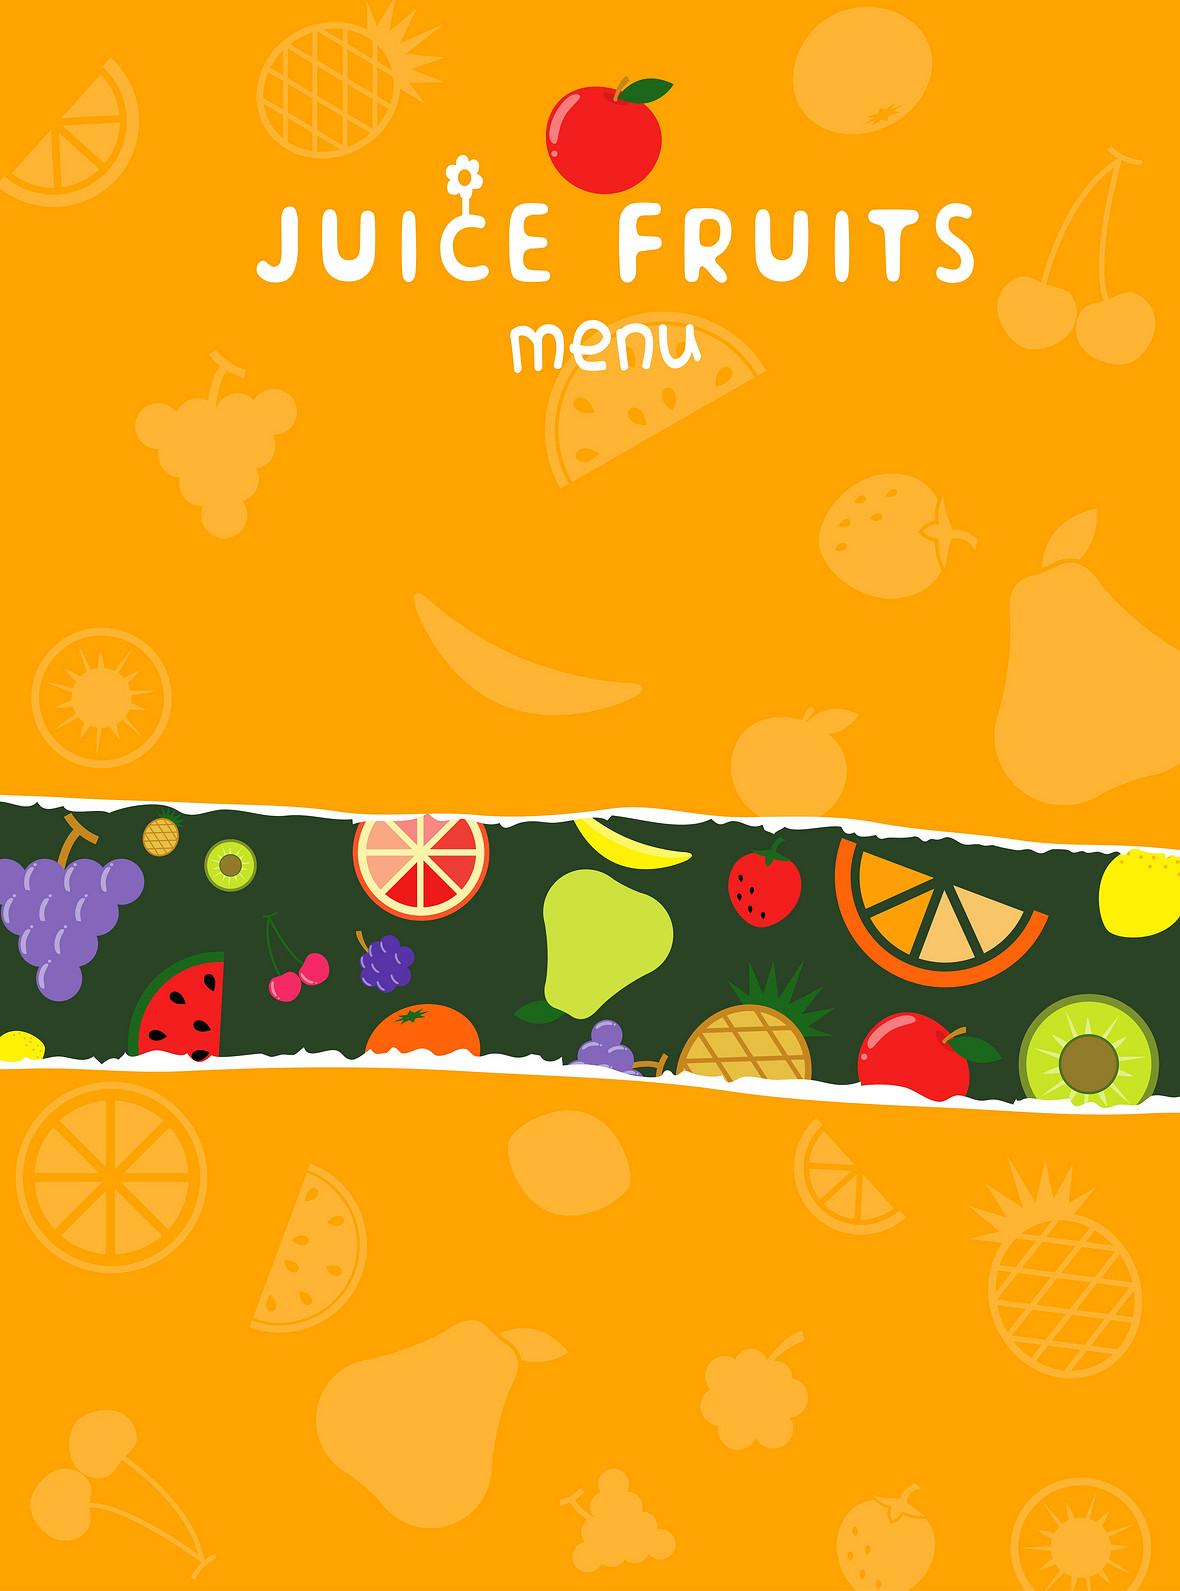 矢量橙色美食新鲜水果背景